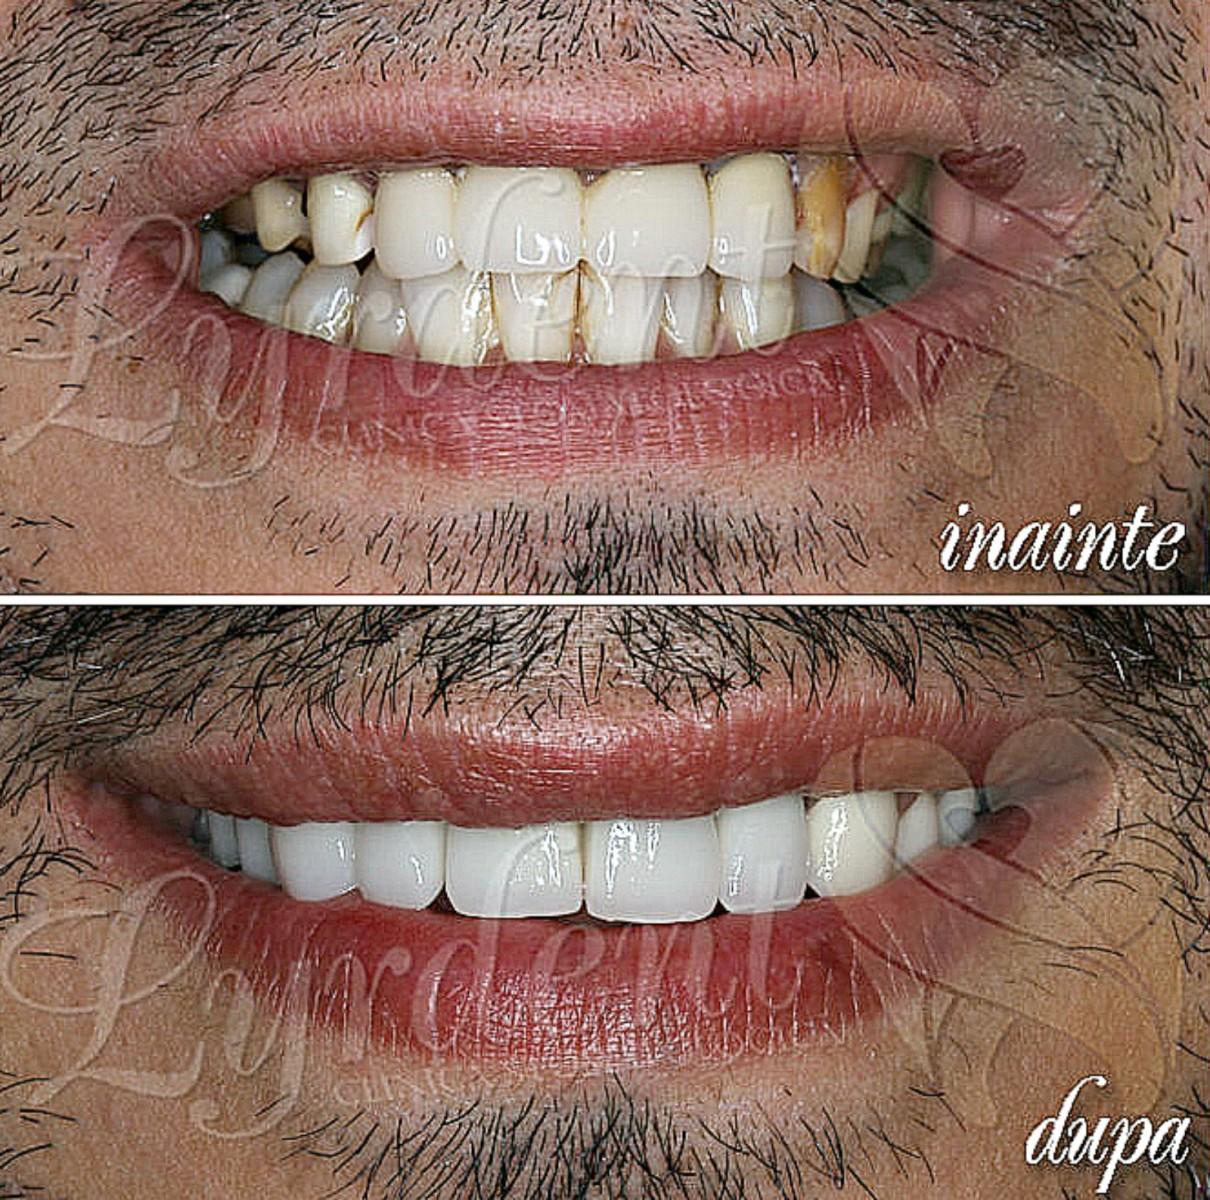 Marius - Reabilitare orala totala Lyrdent